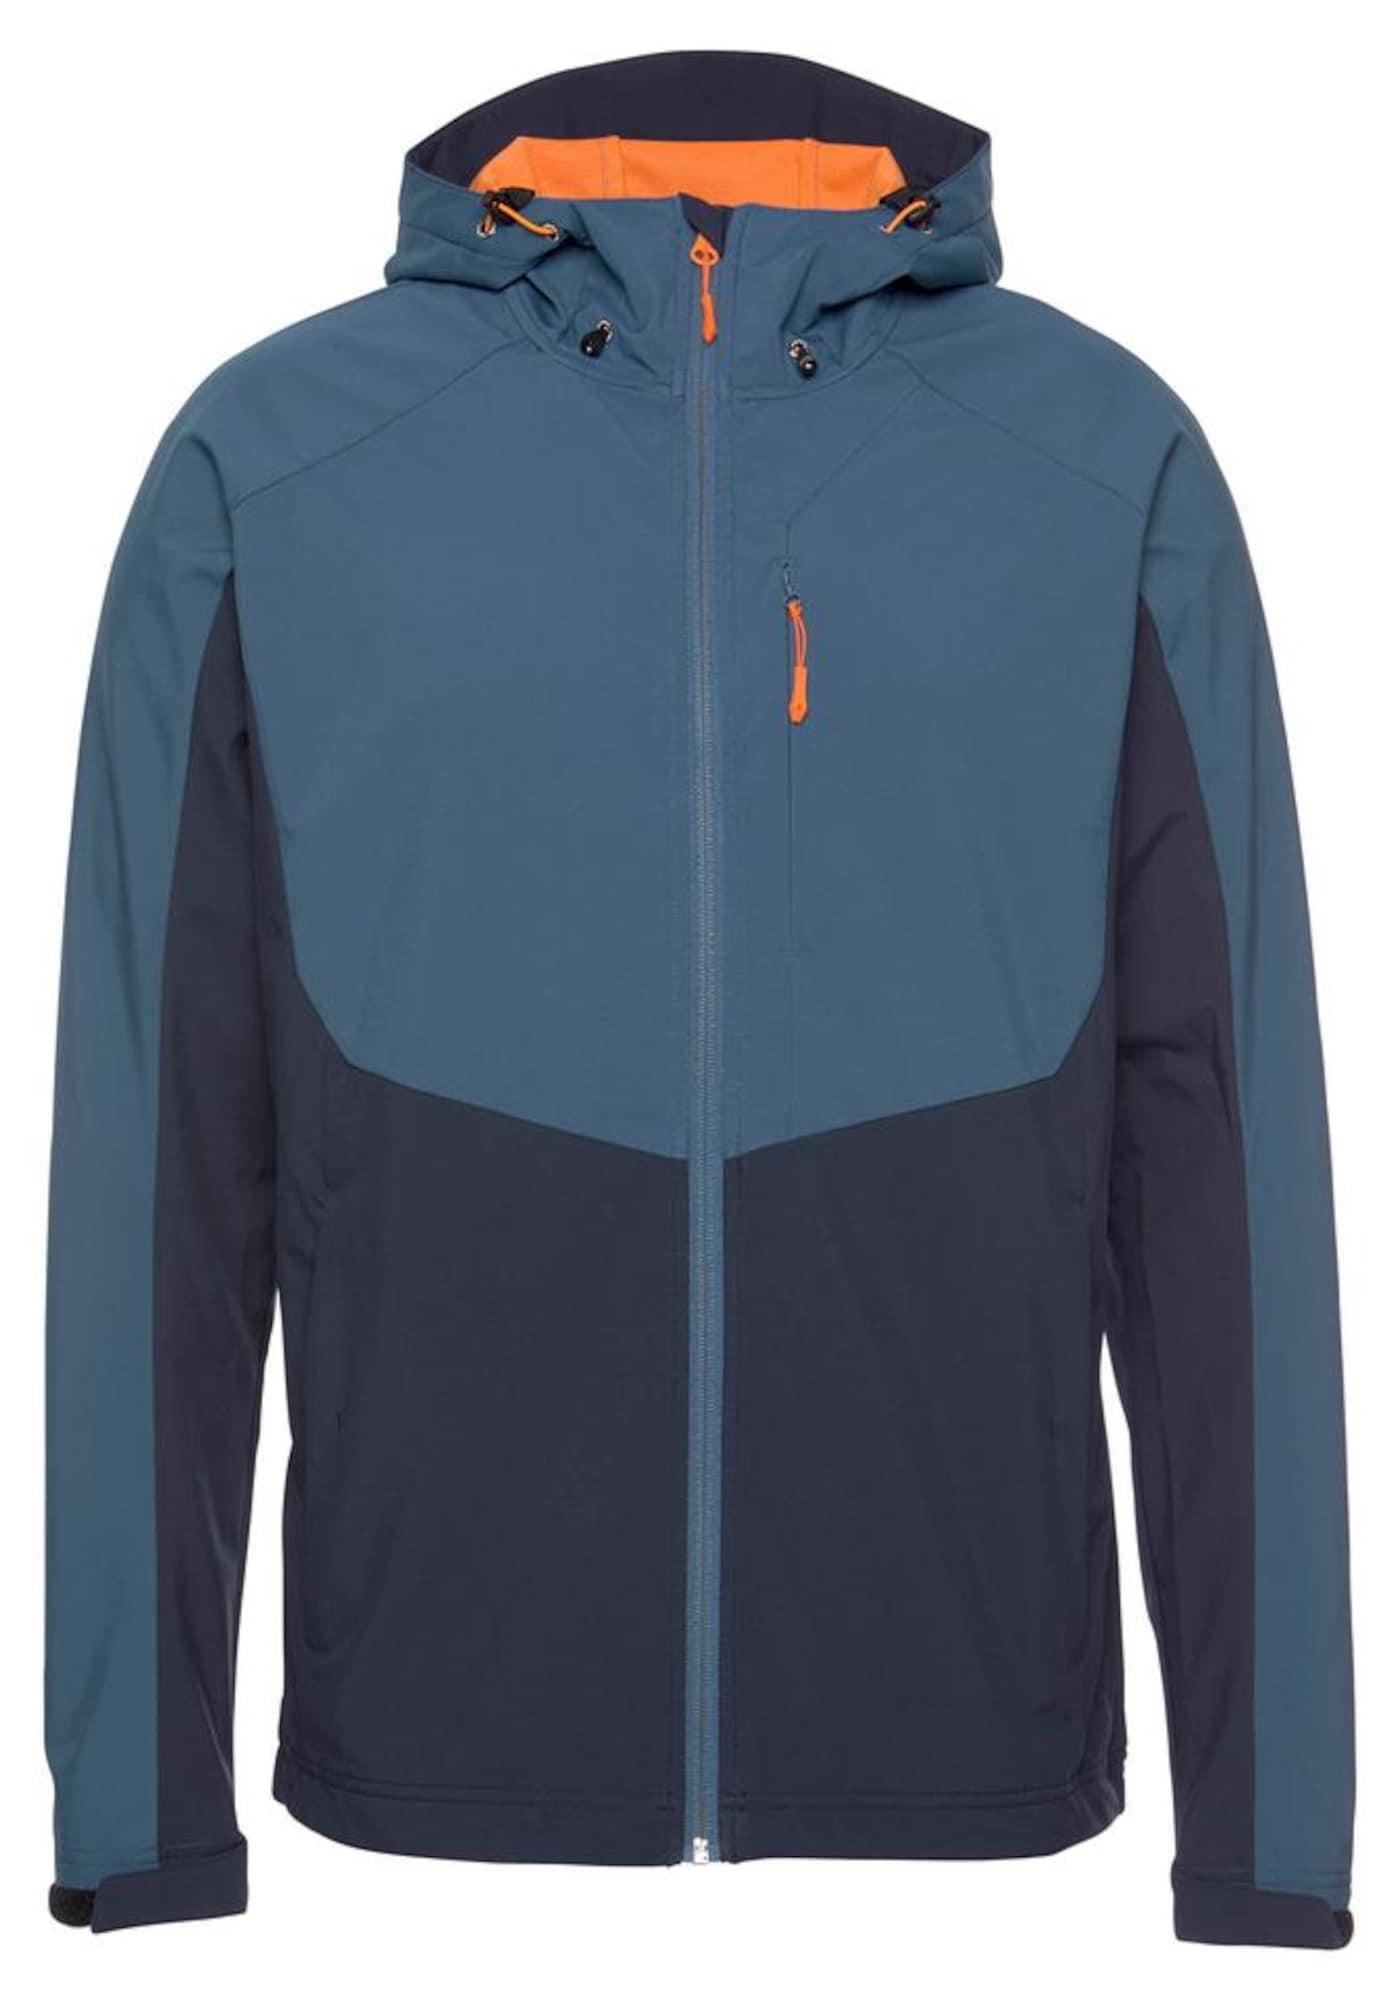 ICEPEAK Demisezoninė striukė 'Barnes' oranžinė / tamsiai mėlyna jūros spalva / mėlyna